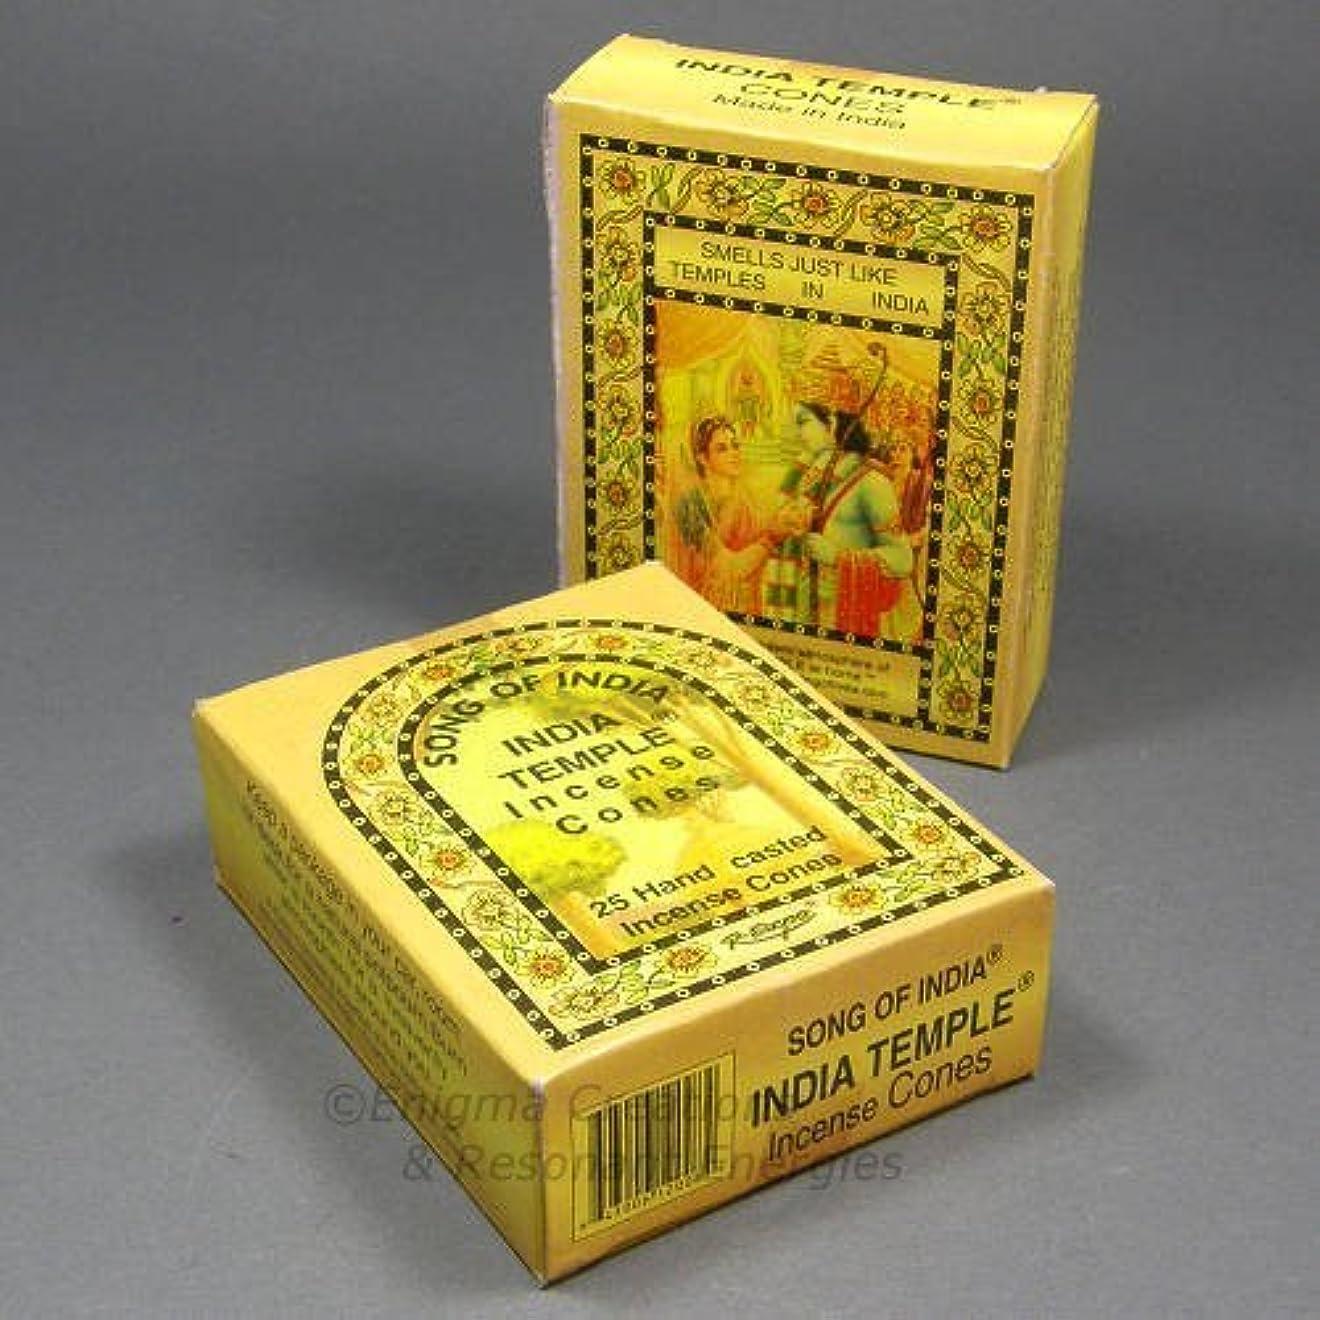 バンドリサイクルする獣Song of India - India Temple Cone Incense, 2 x 25 Cone Pack, 50 Cones Total, (IN7) by Song of India